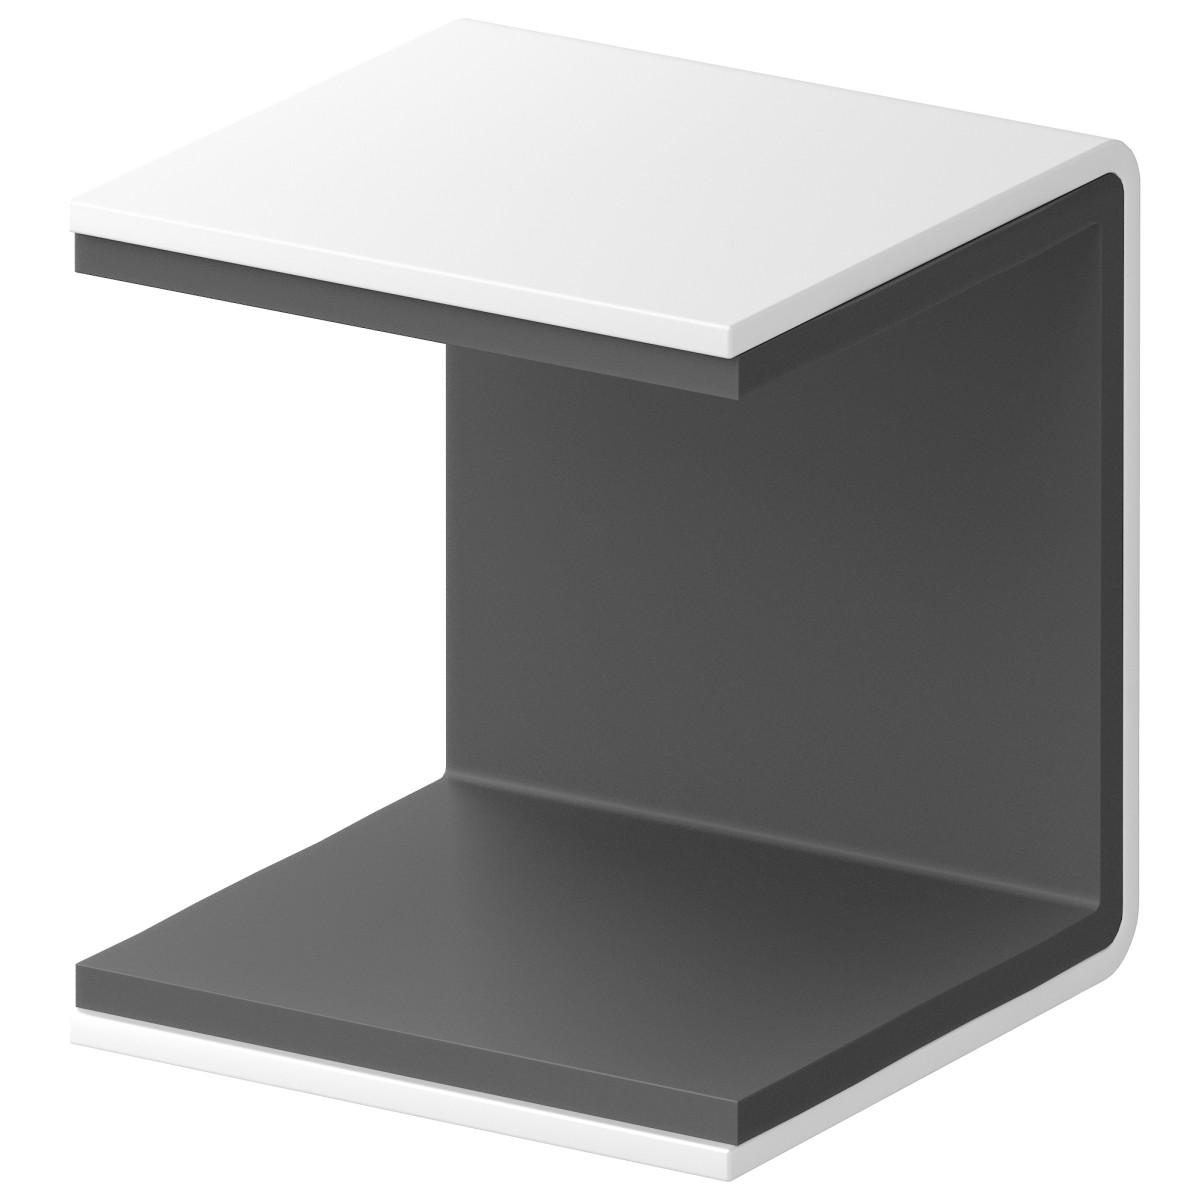 Скоба крепежная для стеллажа Spaceo KUB 35 мм металл цвет белый